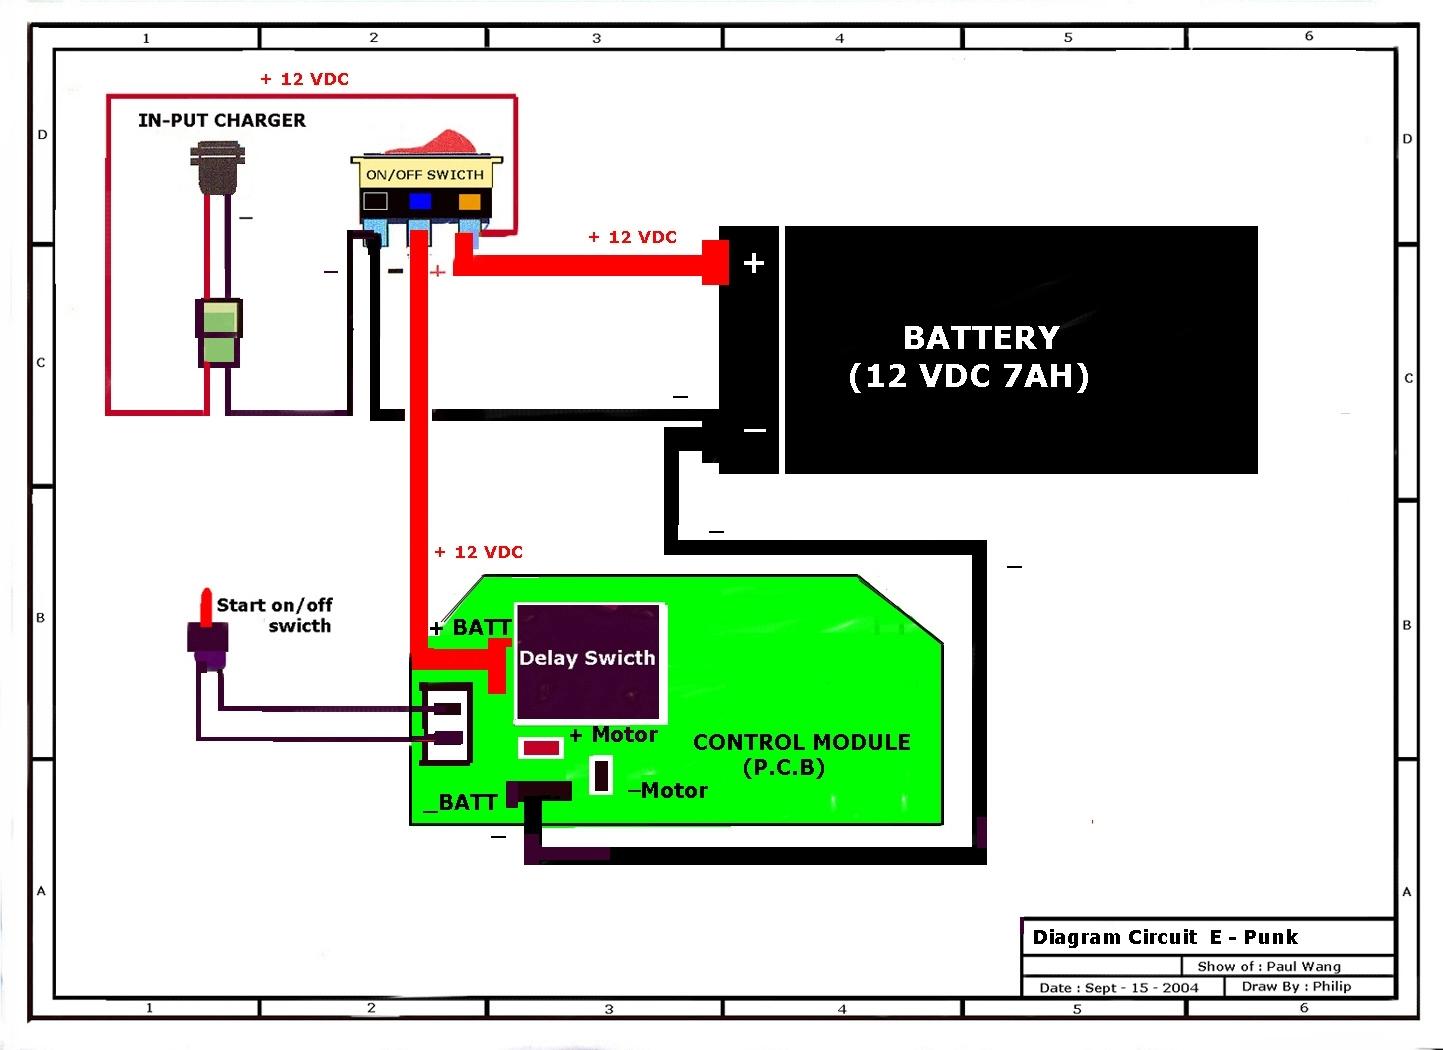 wiring diagram for x18 pocket bike wiring image pocket bike wiring schematics pocket home wiring diagrams on wiring diagram for x18 pocket bike